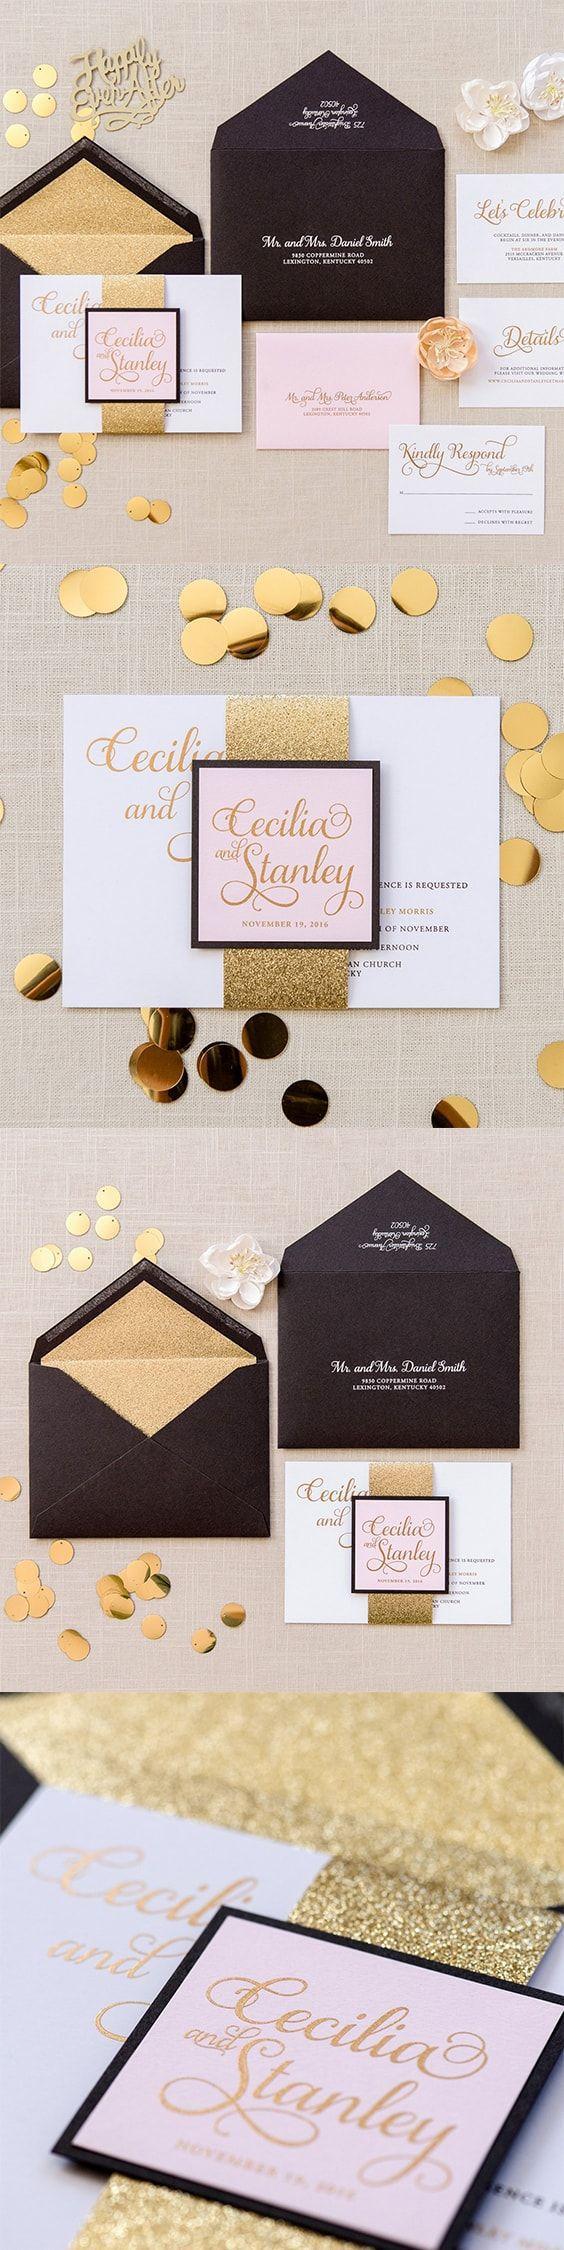 زفاف - Cecilia Wedding Invitation